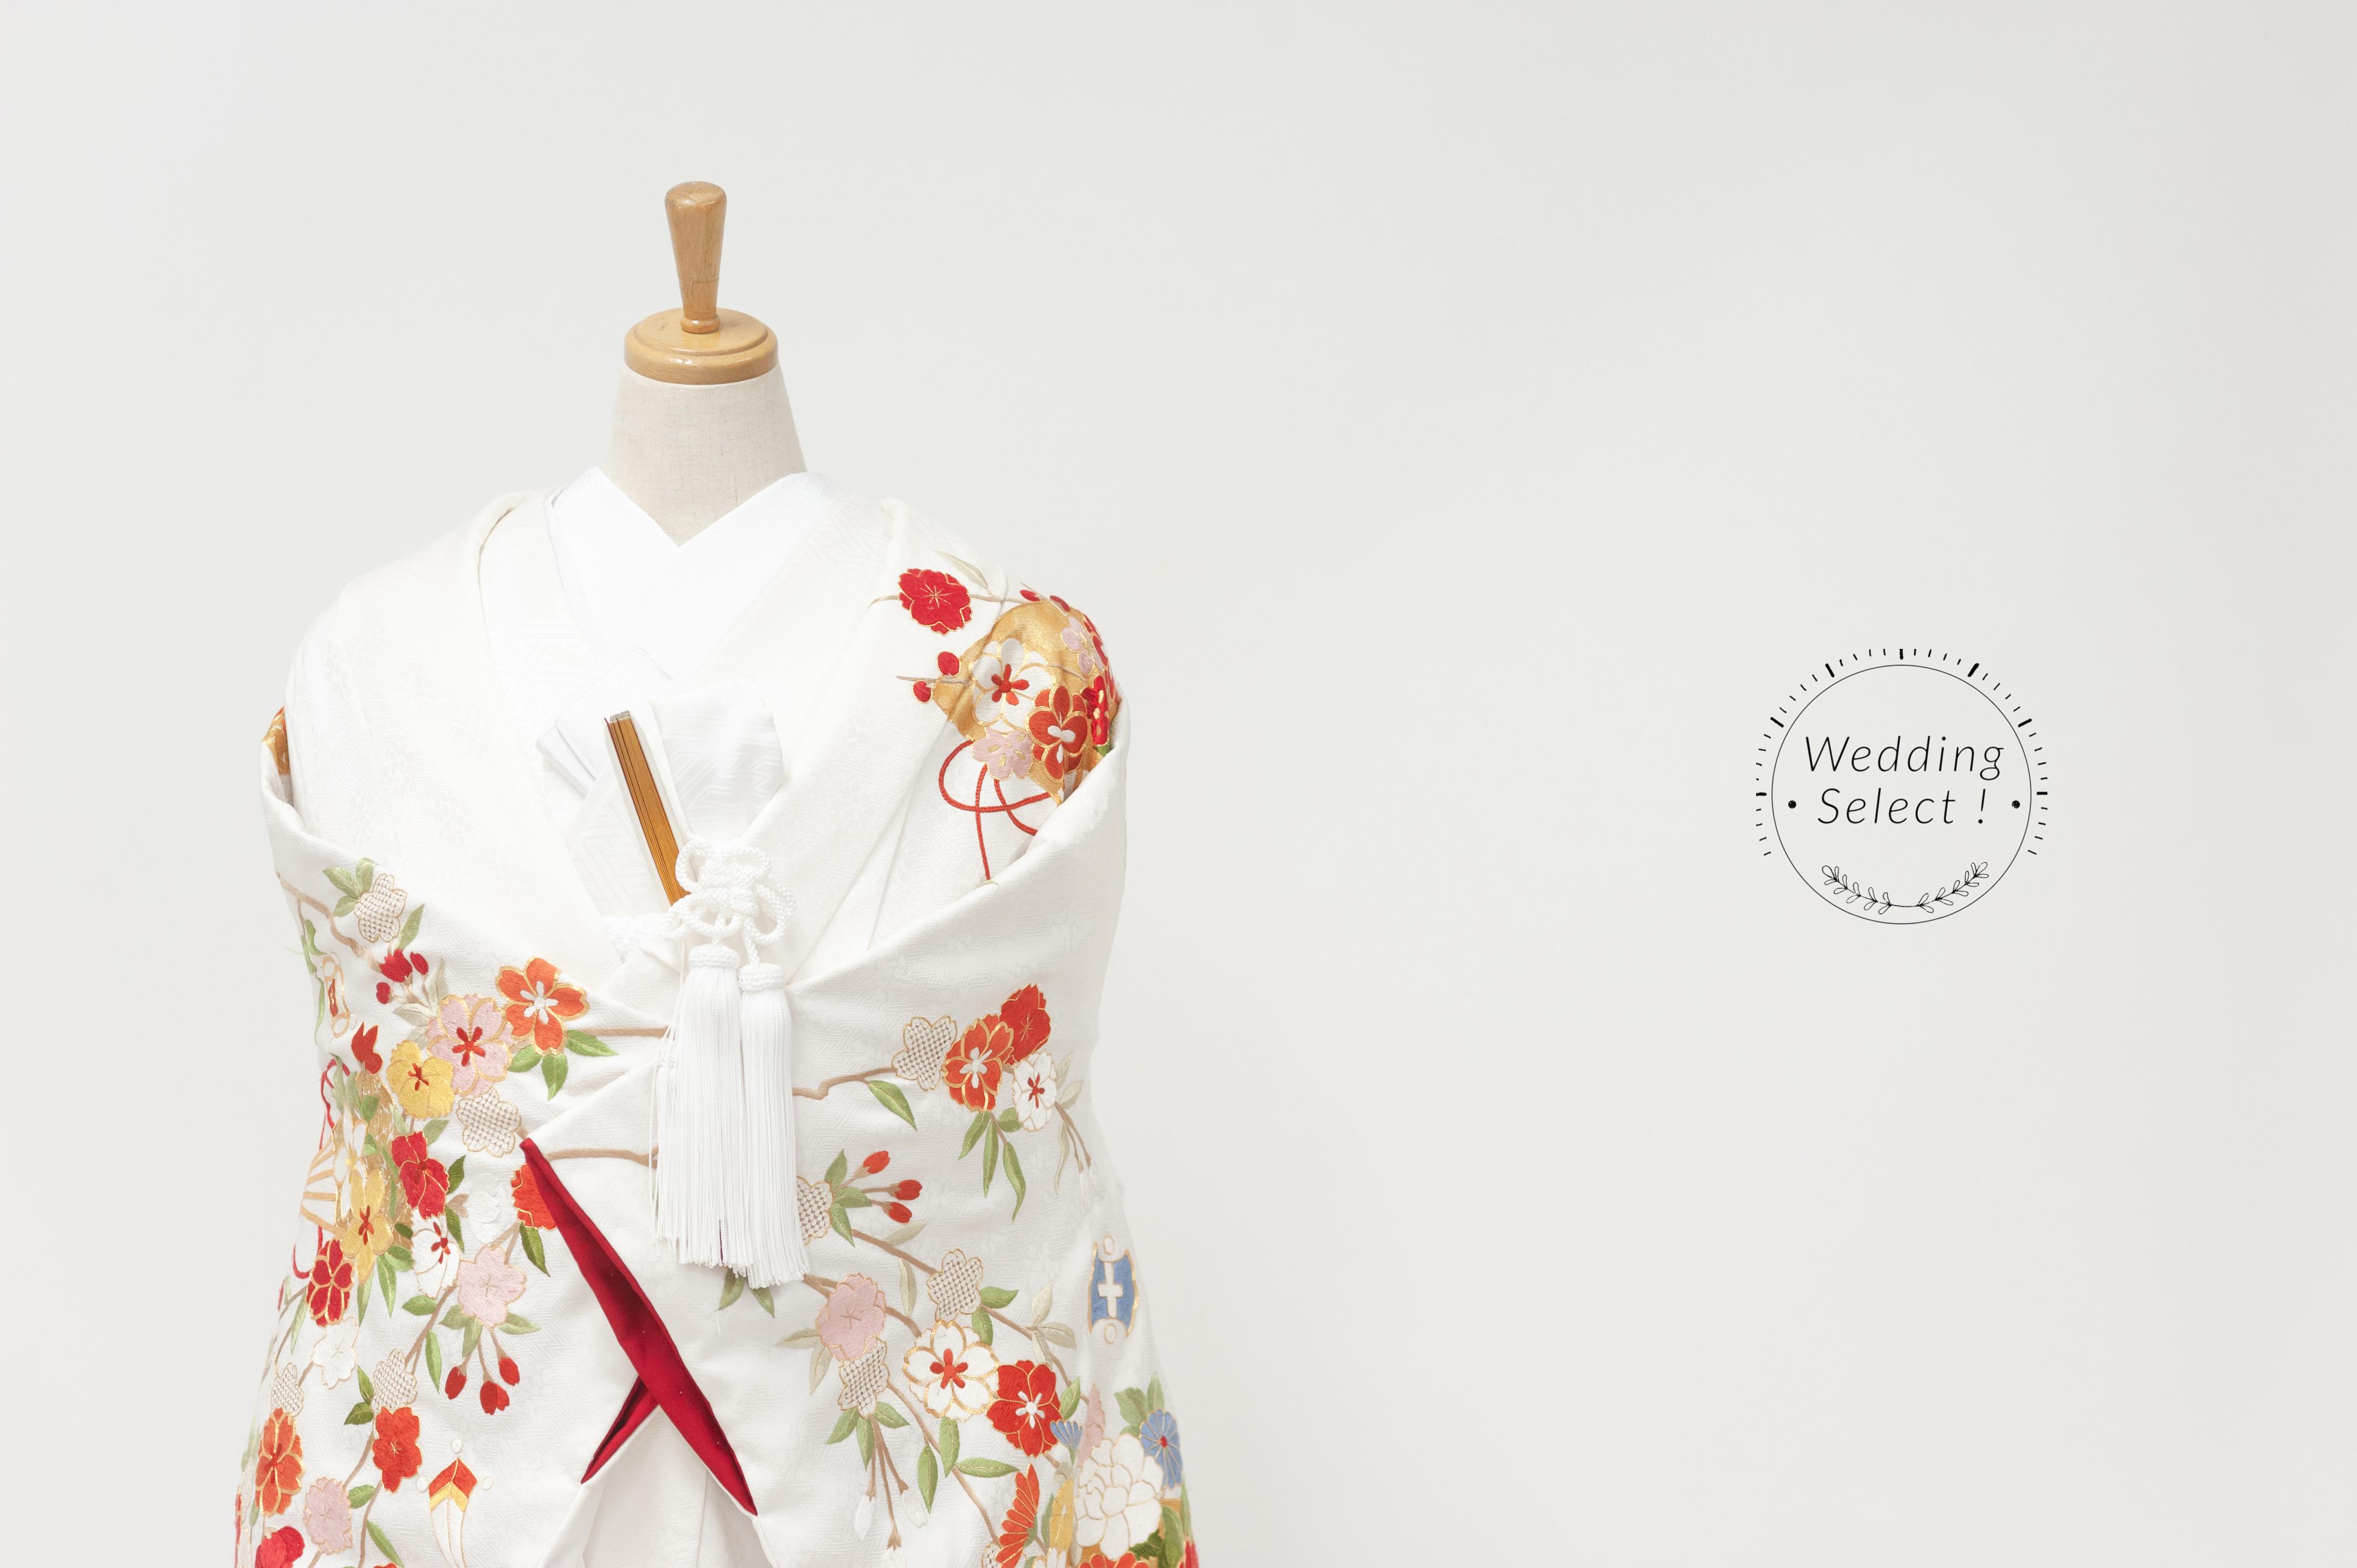 四季折々の花に檜扇023